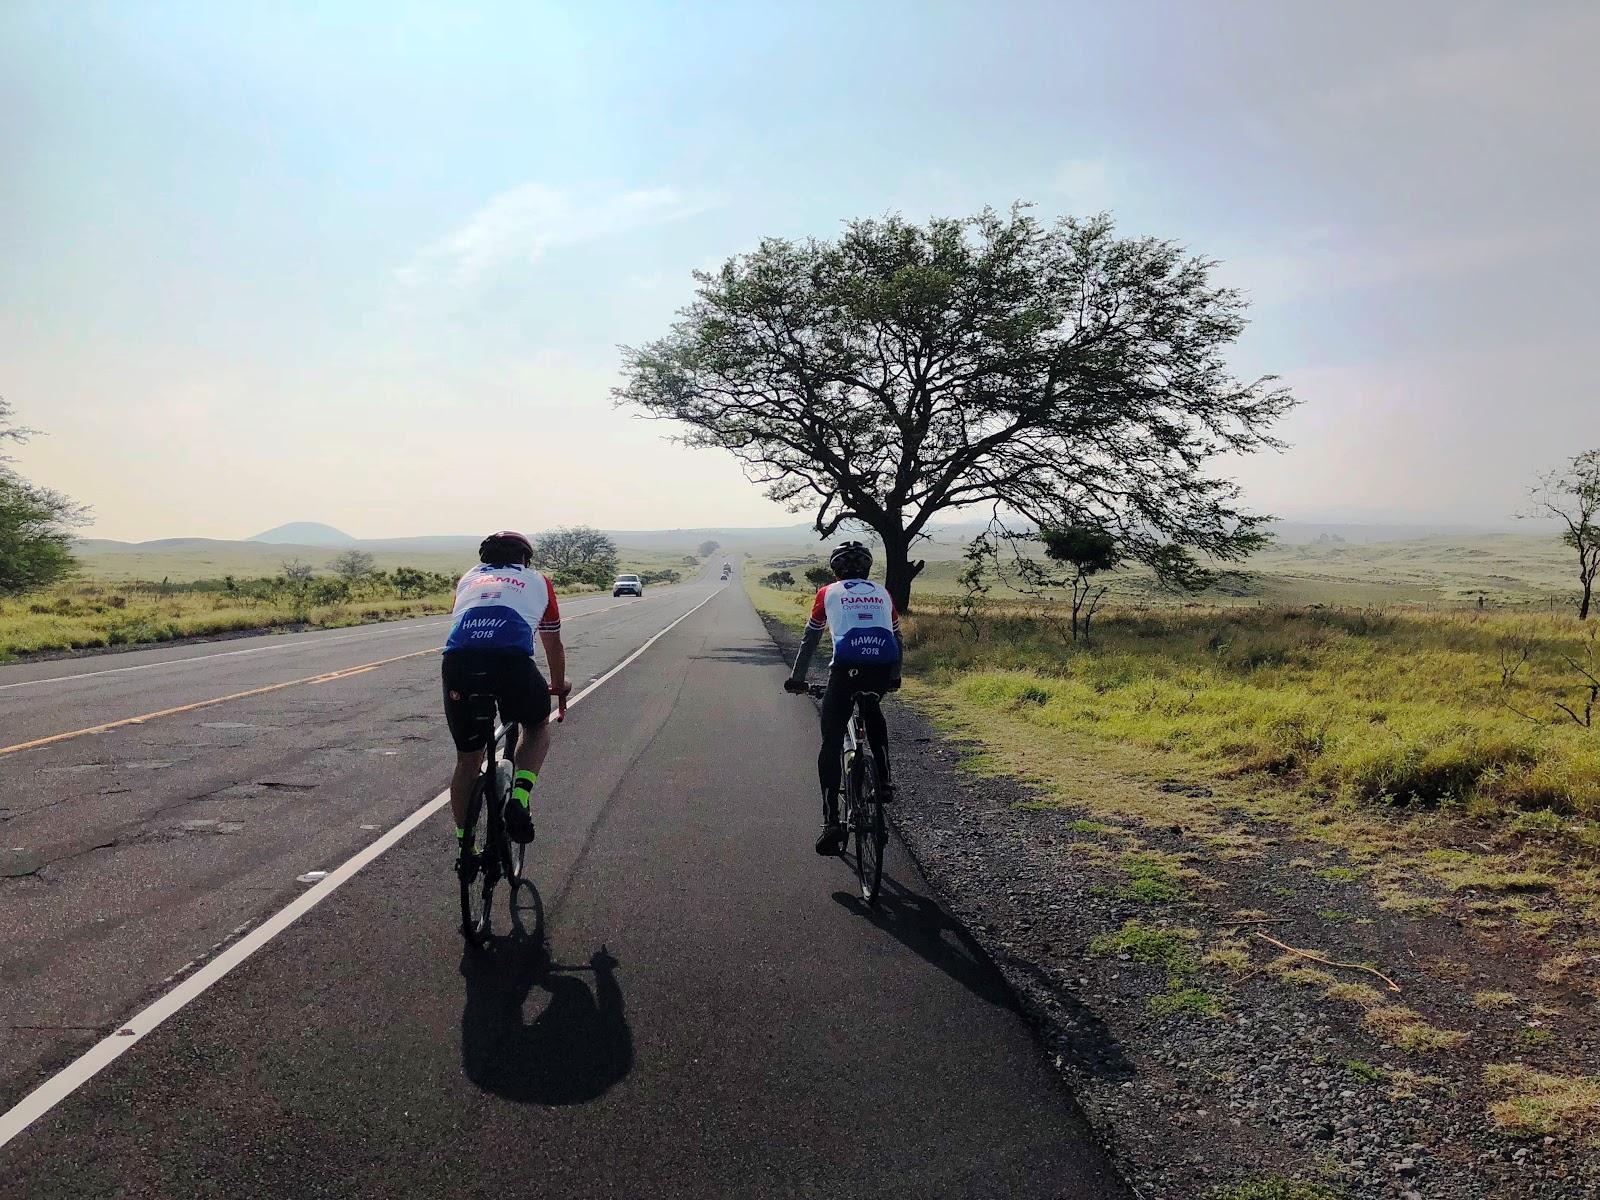 Bicycling up Mauna Loa - PJAMM cyclists on bikes riding on Waikoloa Road - tree on road